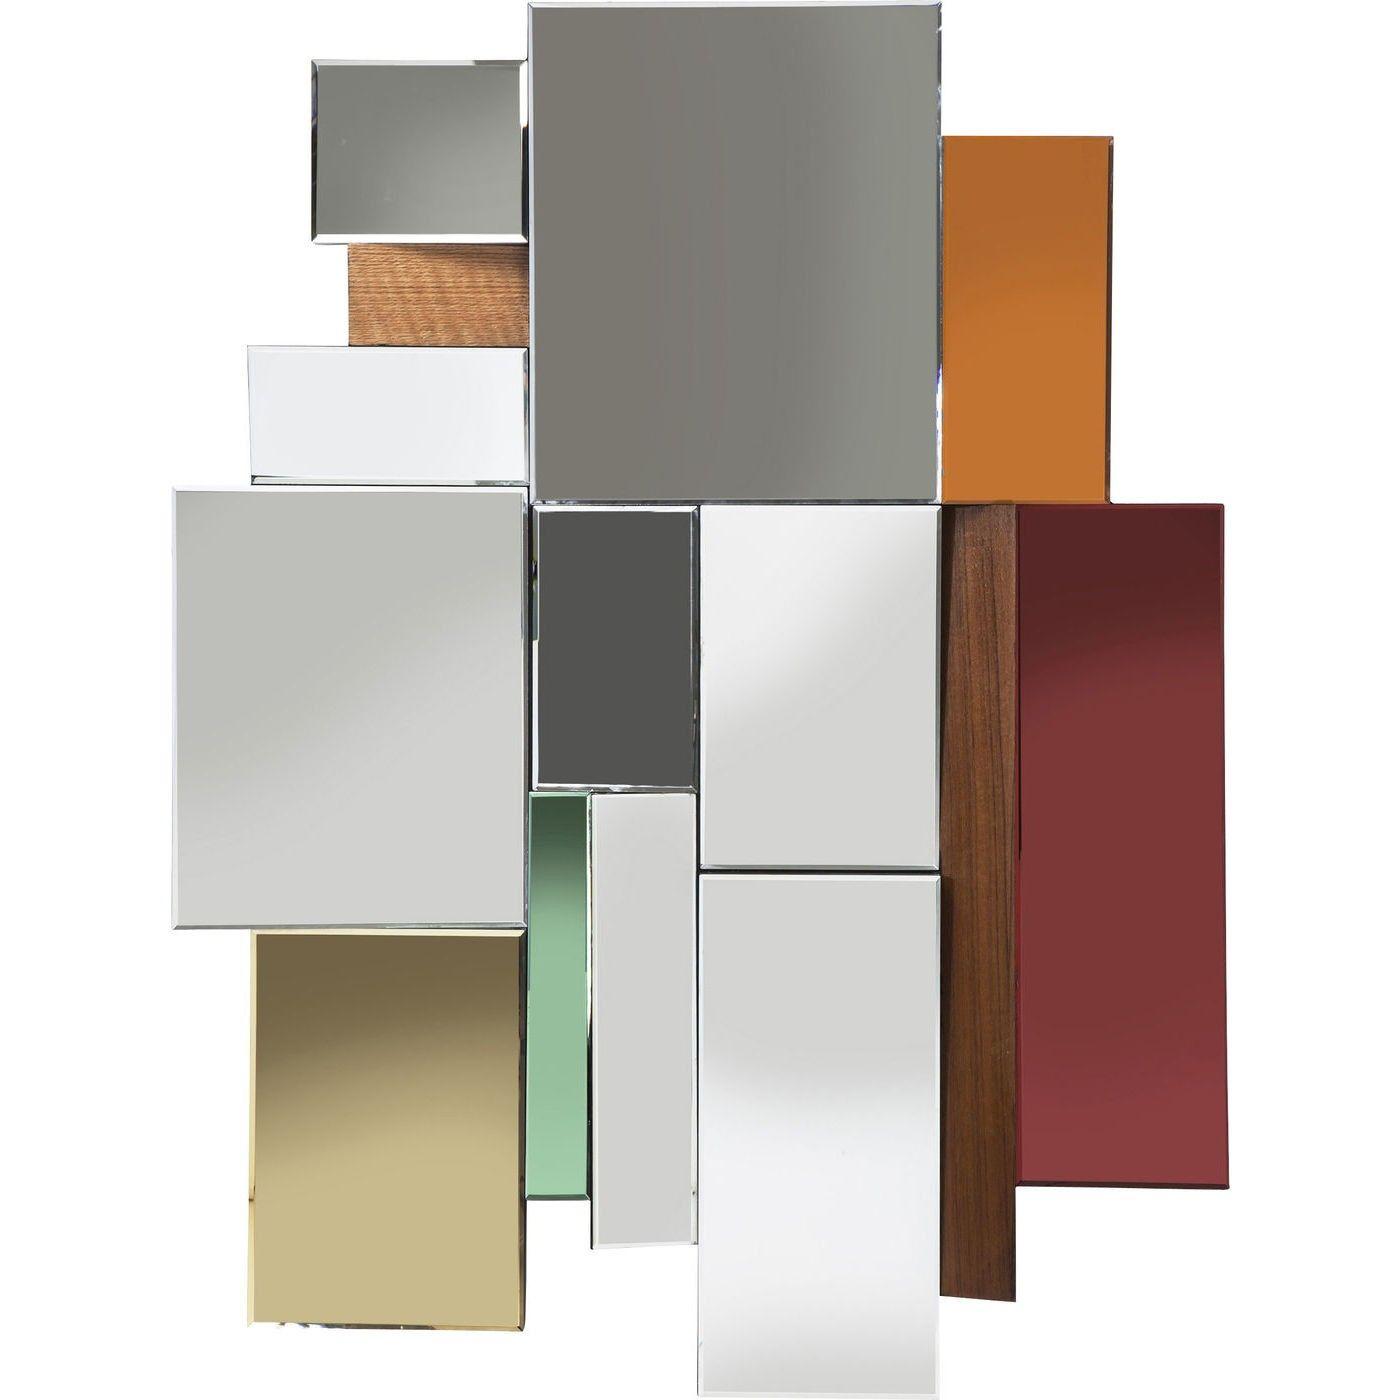 Spiegel Kare Design spiegel metamorphosis vierkant kare design ideeën